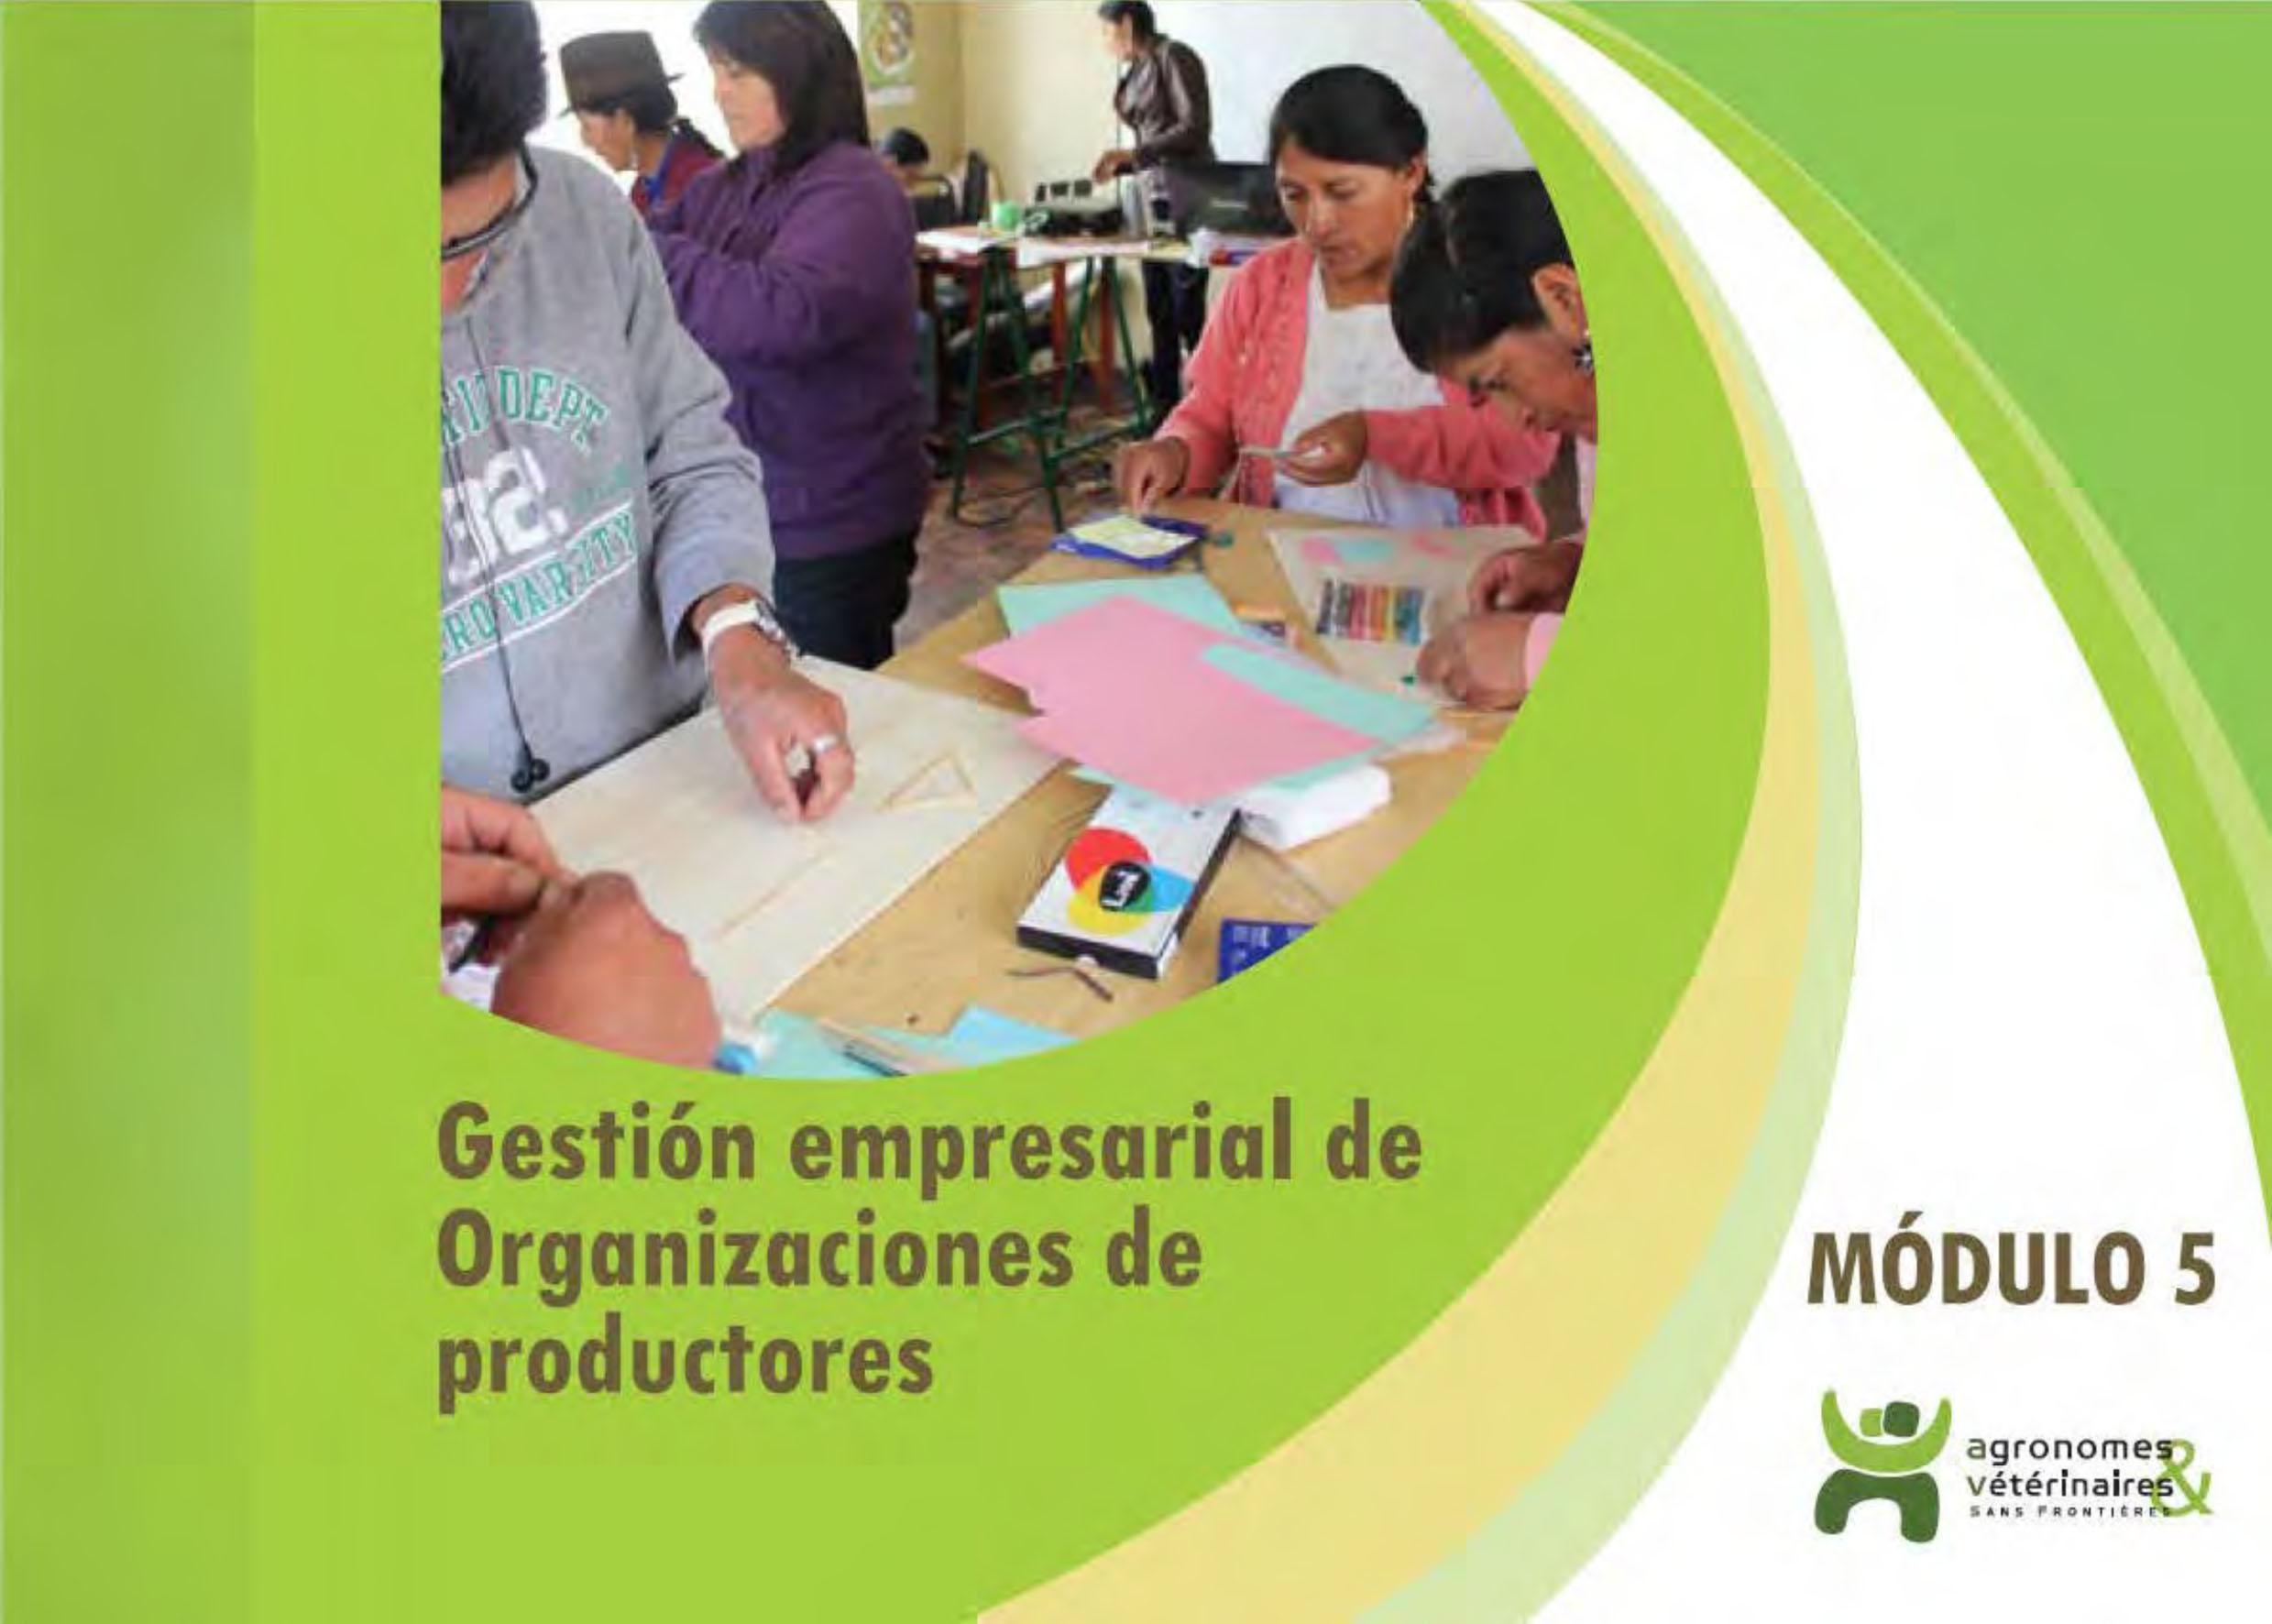 Módulo n°5 de formación para líderes en gestión empresarial de organizaciones de productores Image principale